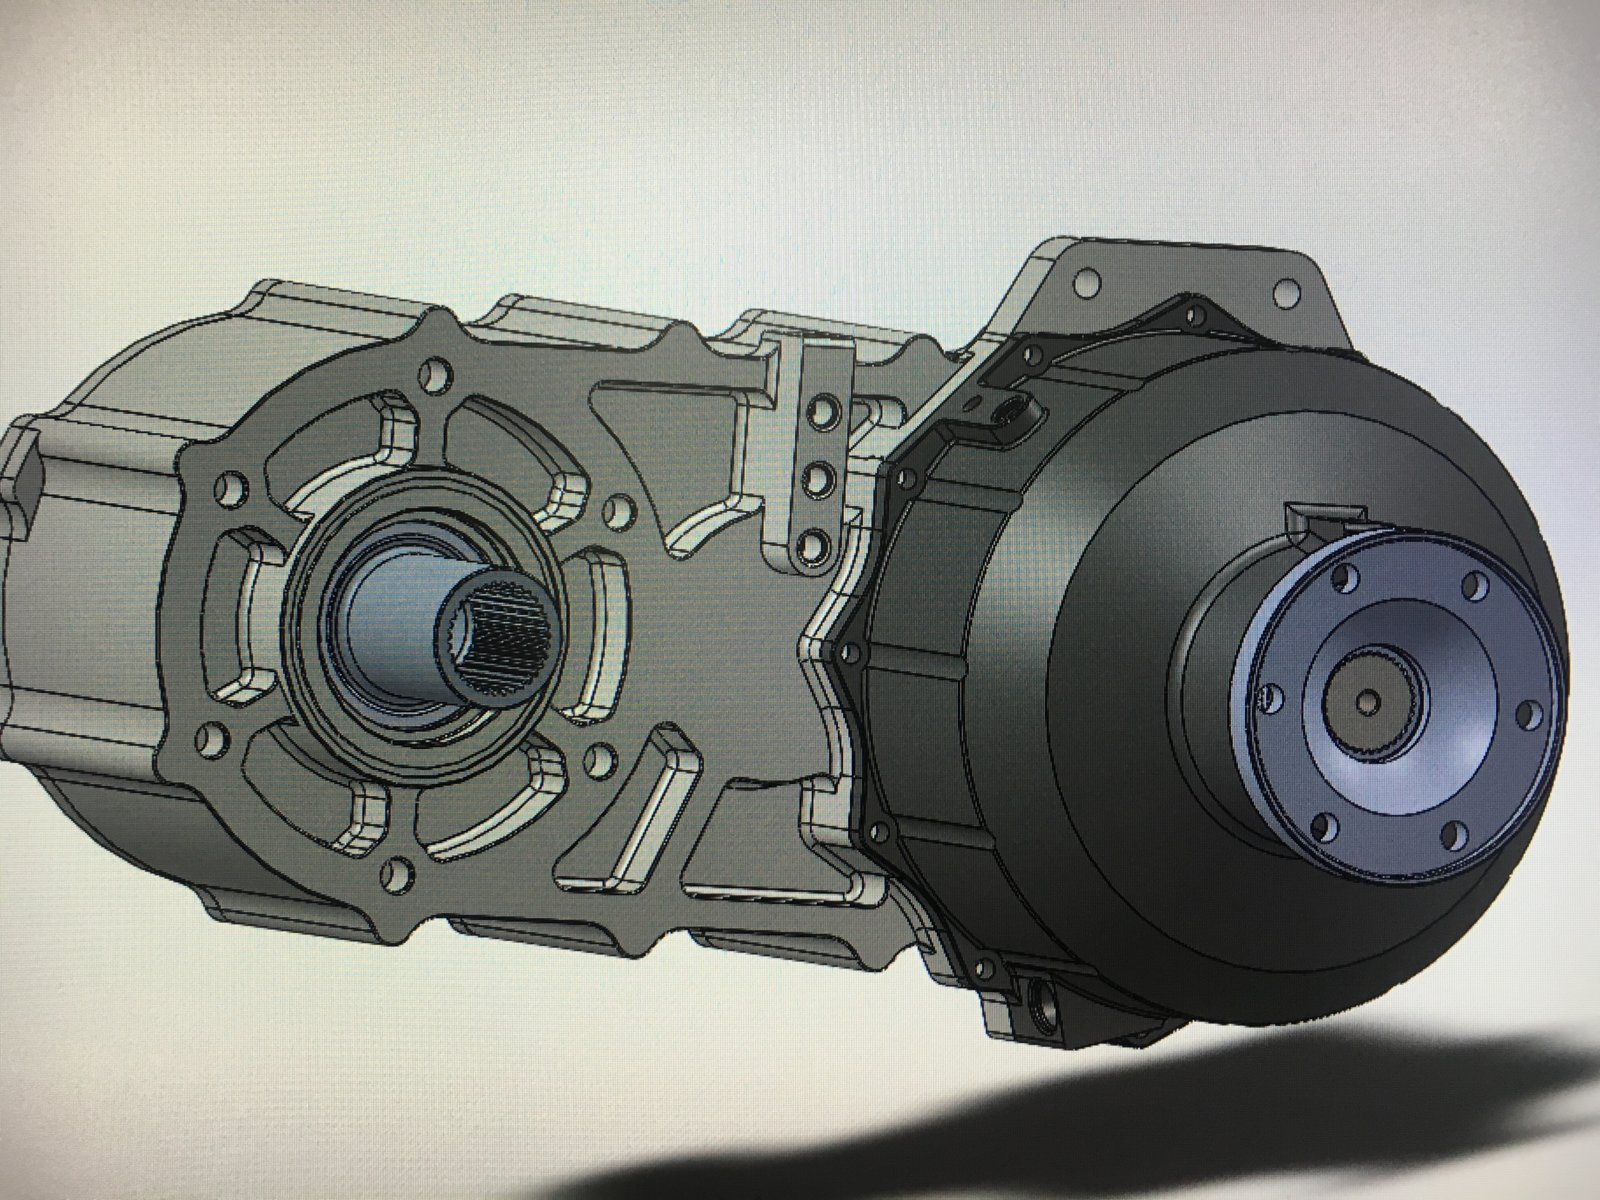 Battleborn_engineering_D9_Transfercase_01.JPG